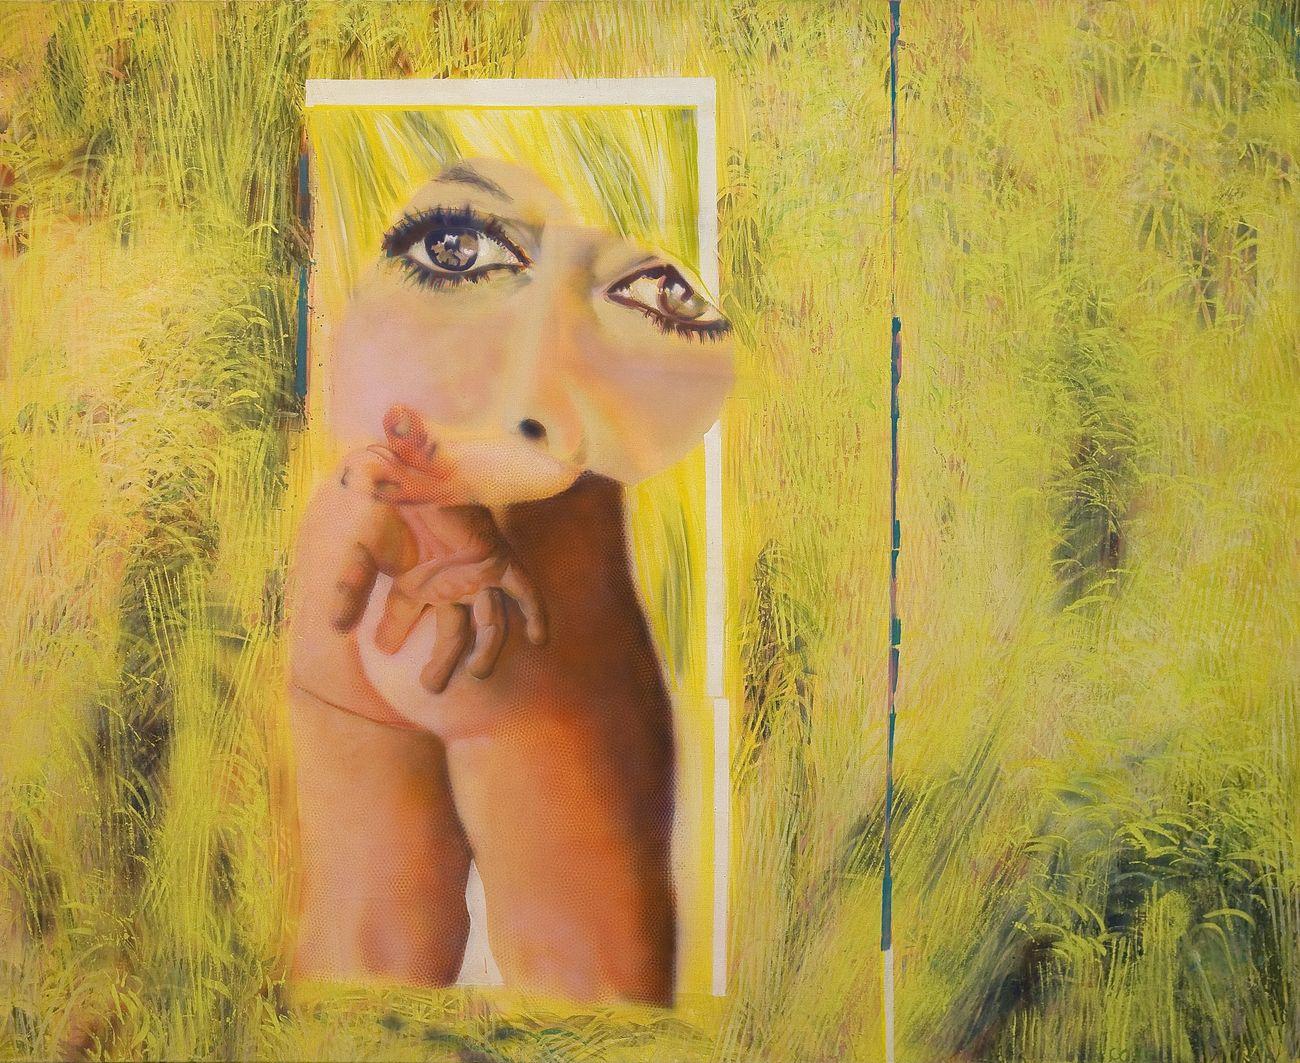 Claudio Cintoli, Bè Bè o Blé, 1965, olio su tela, cm 158 x 200. Collezione Eleonora Manzolini